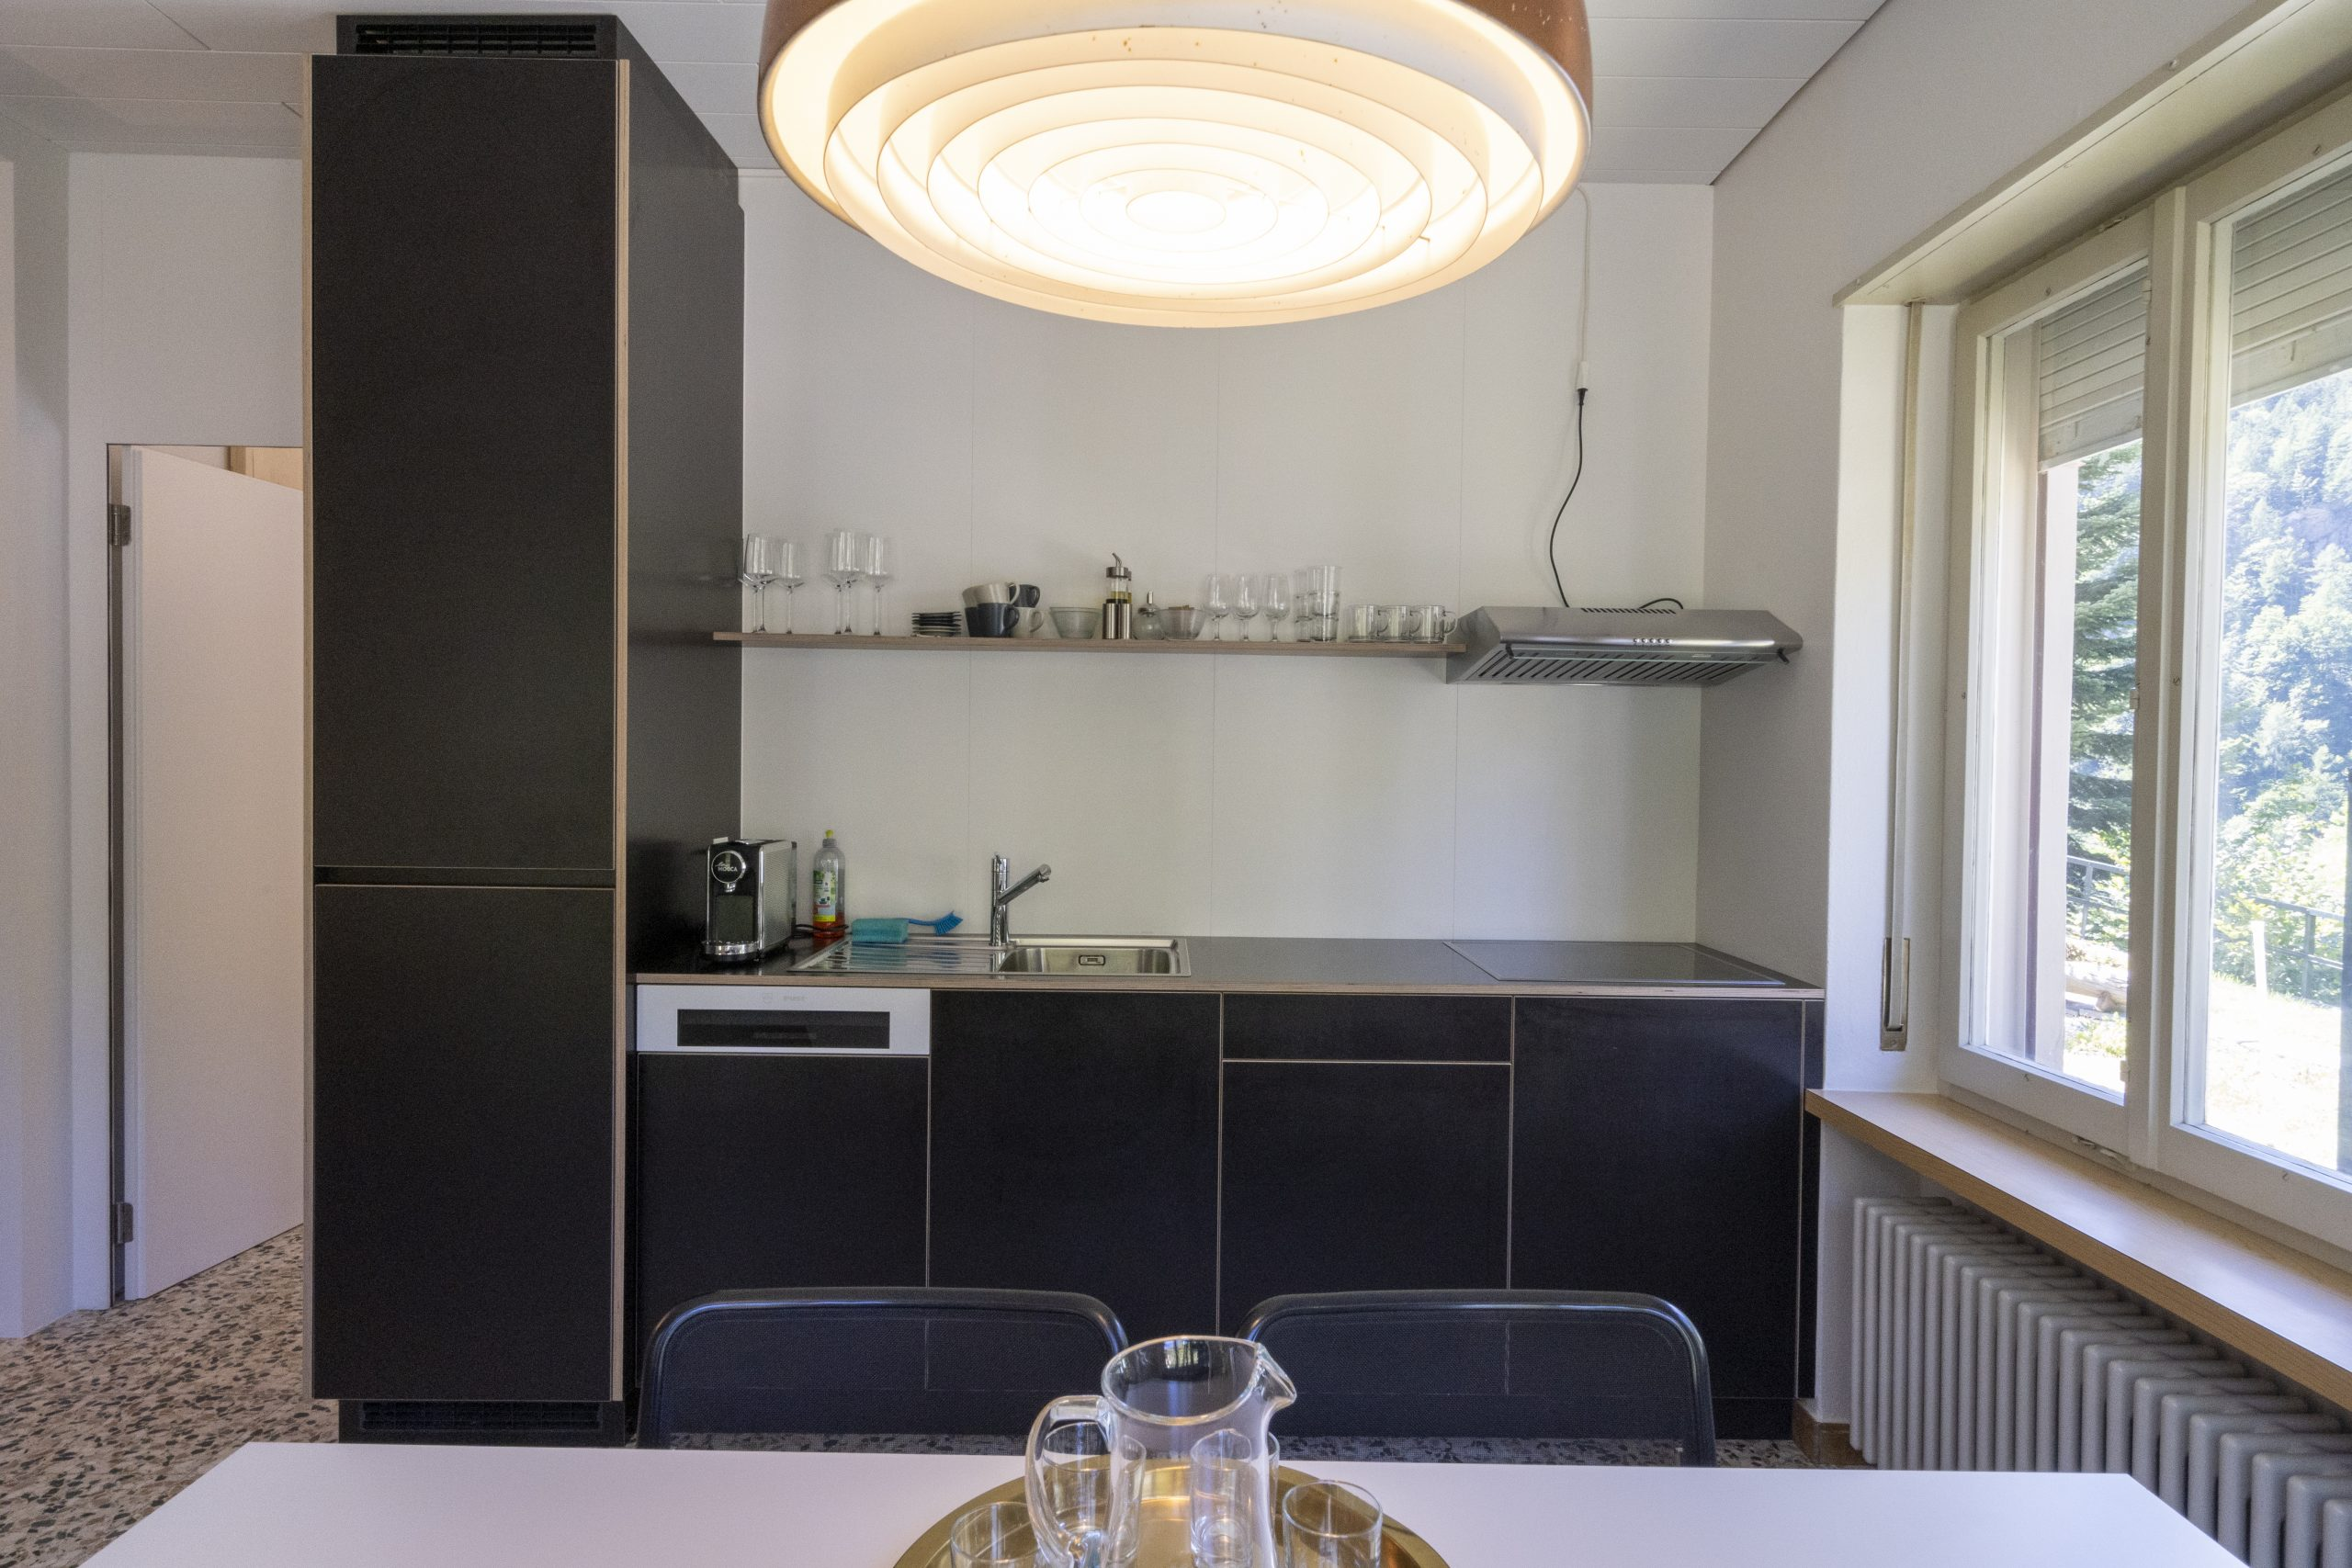 Fusio Villapineta Cuisine App. 1. Lampe